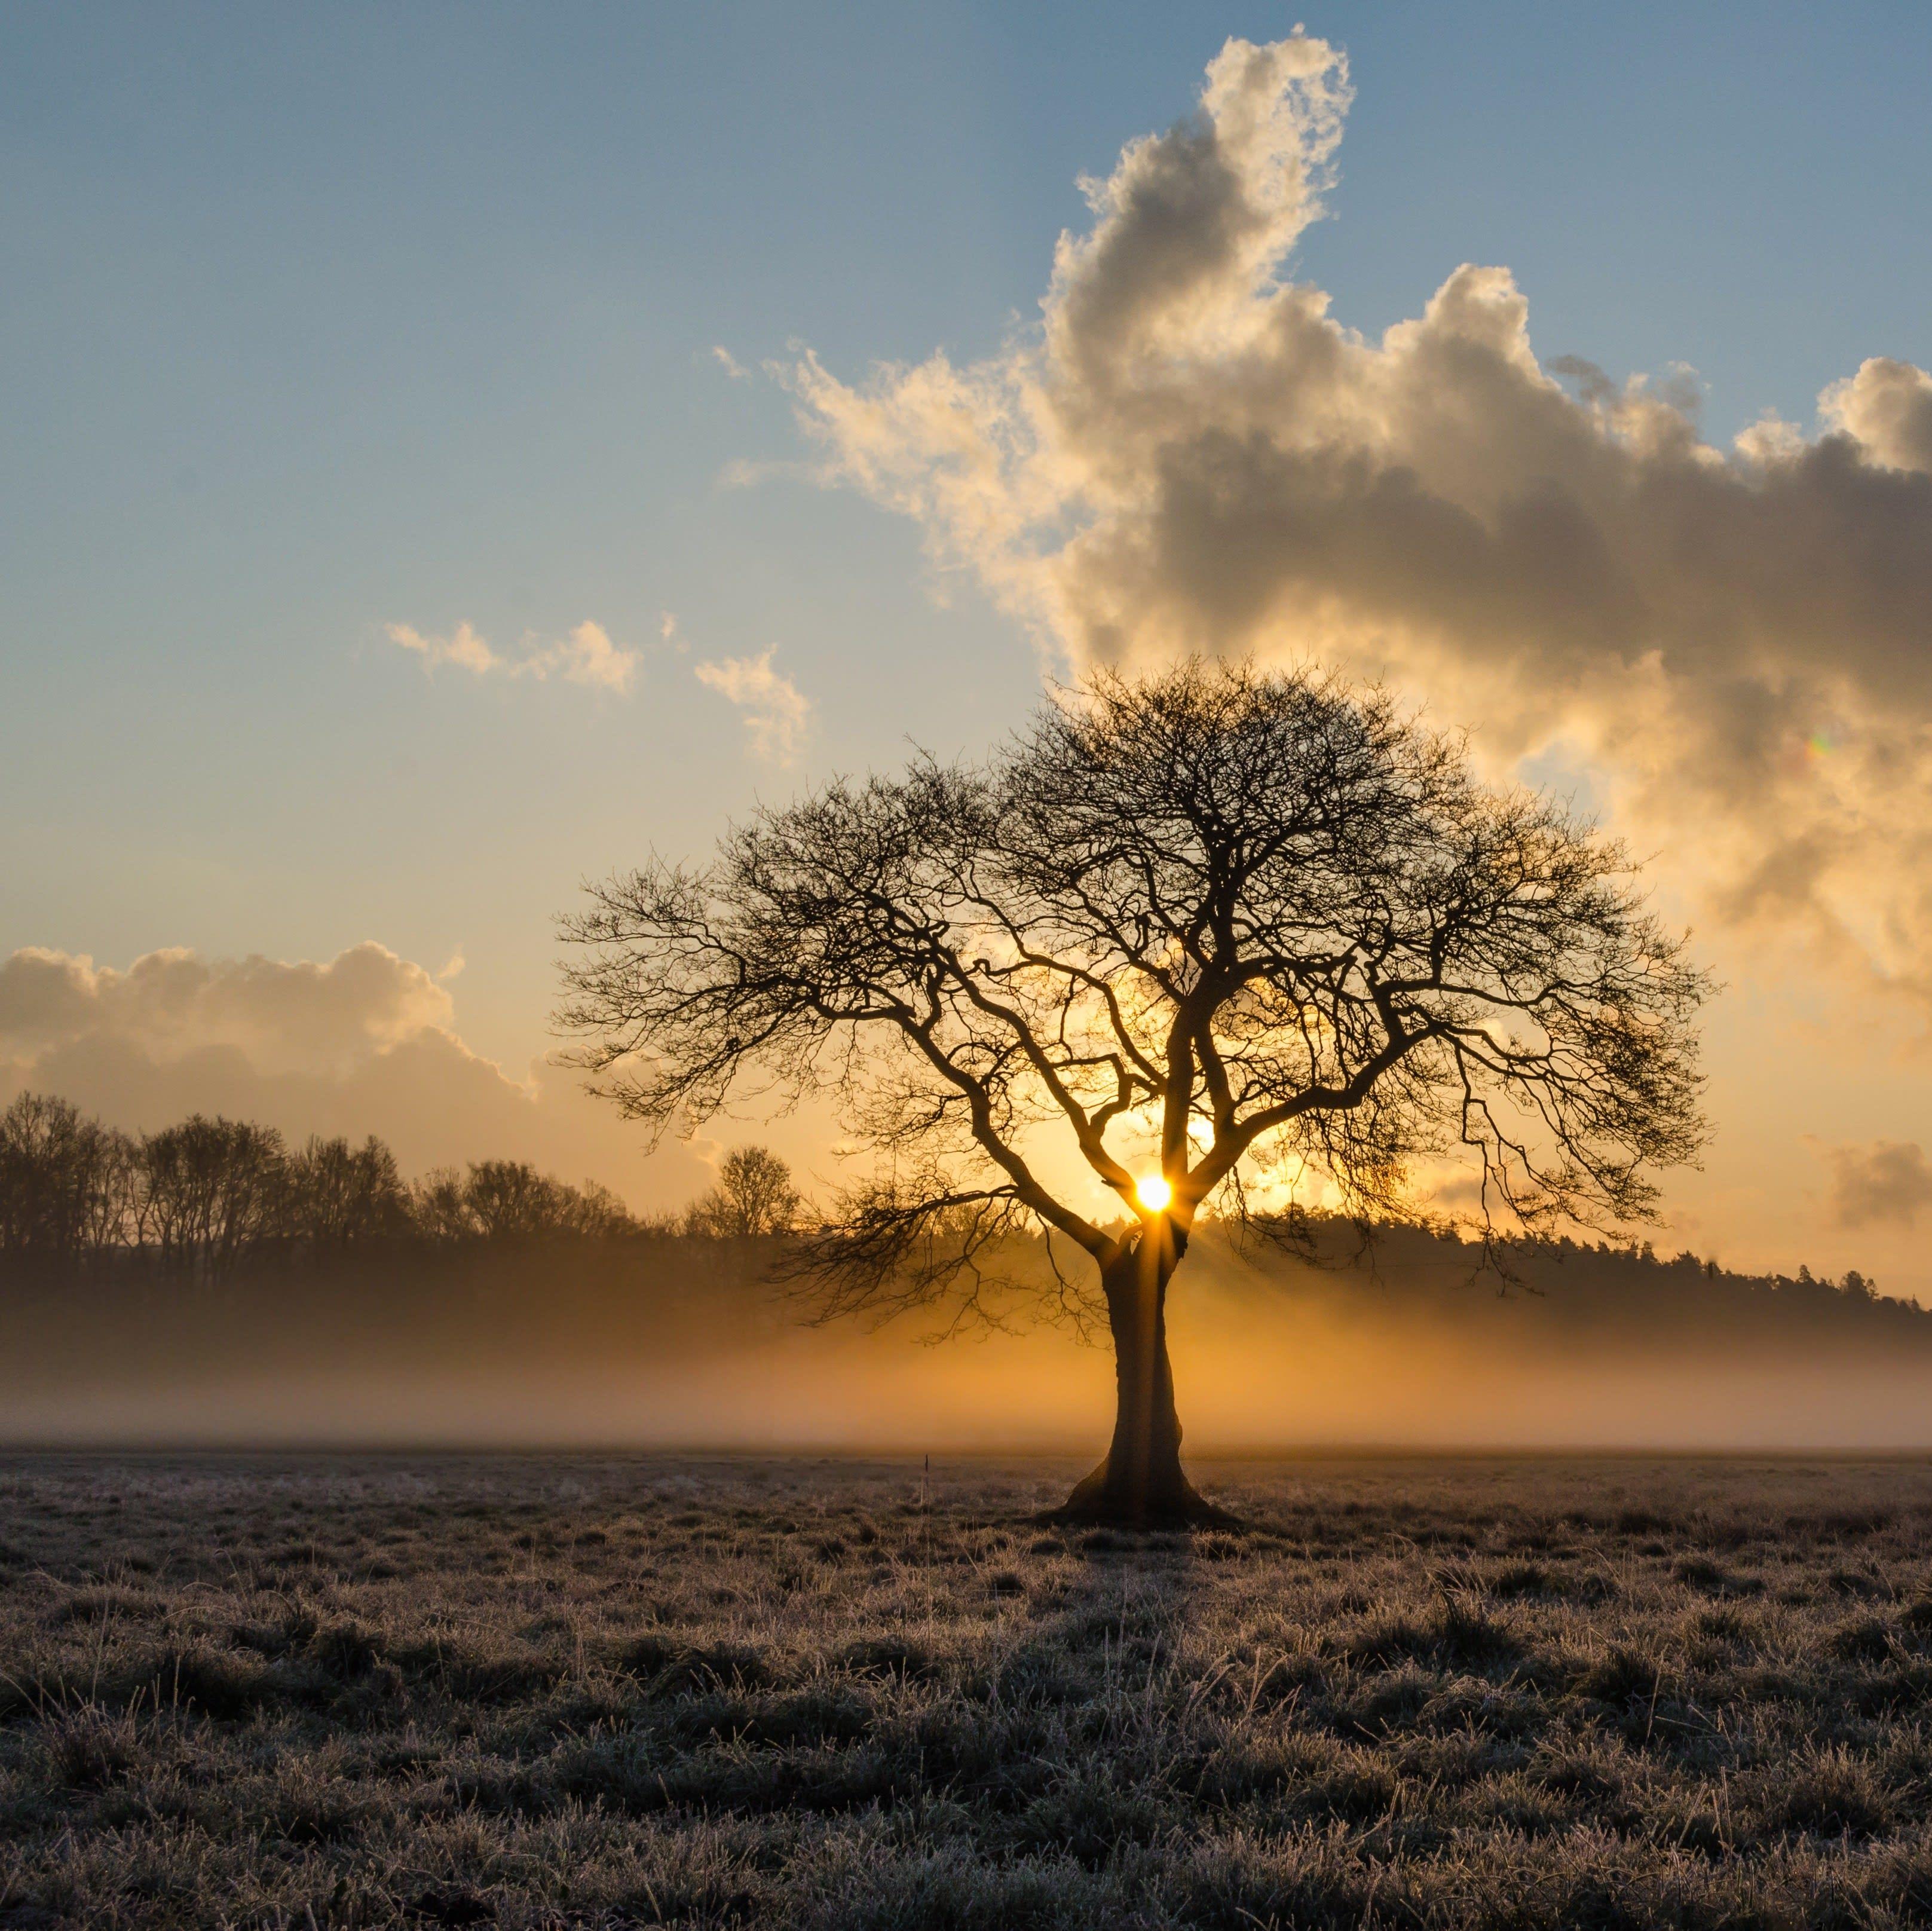 Baum inmitten eines Feldes